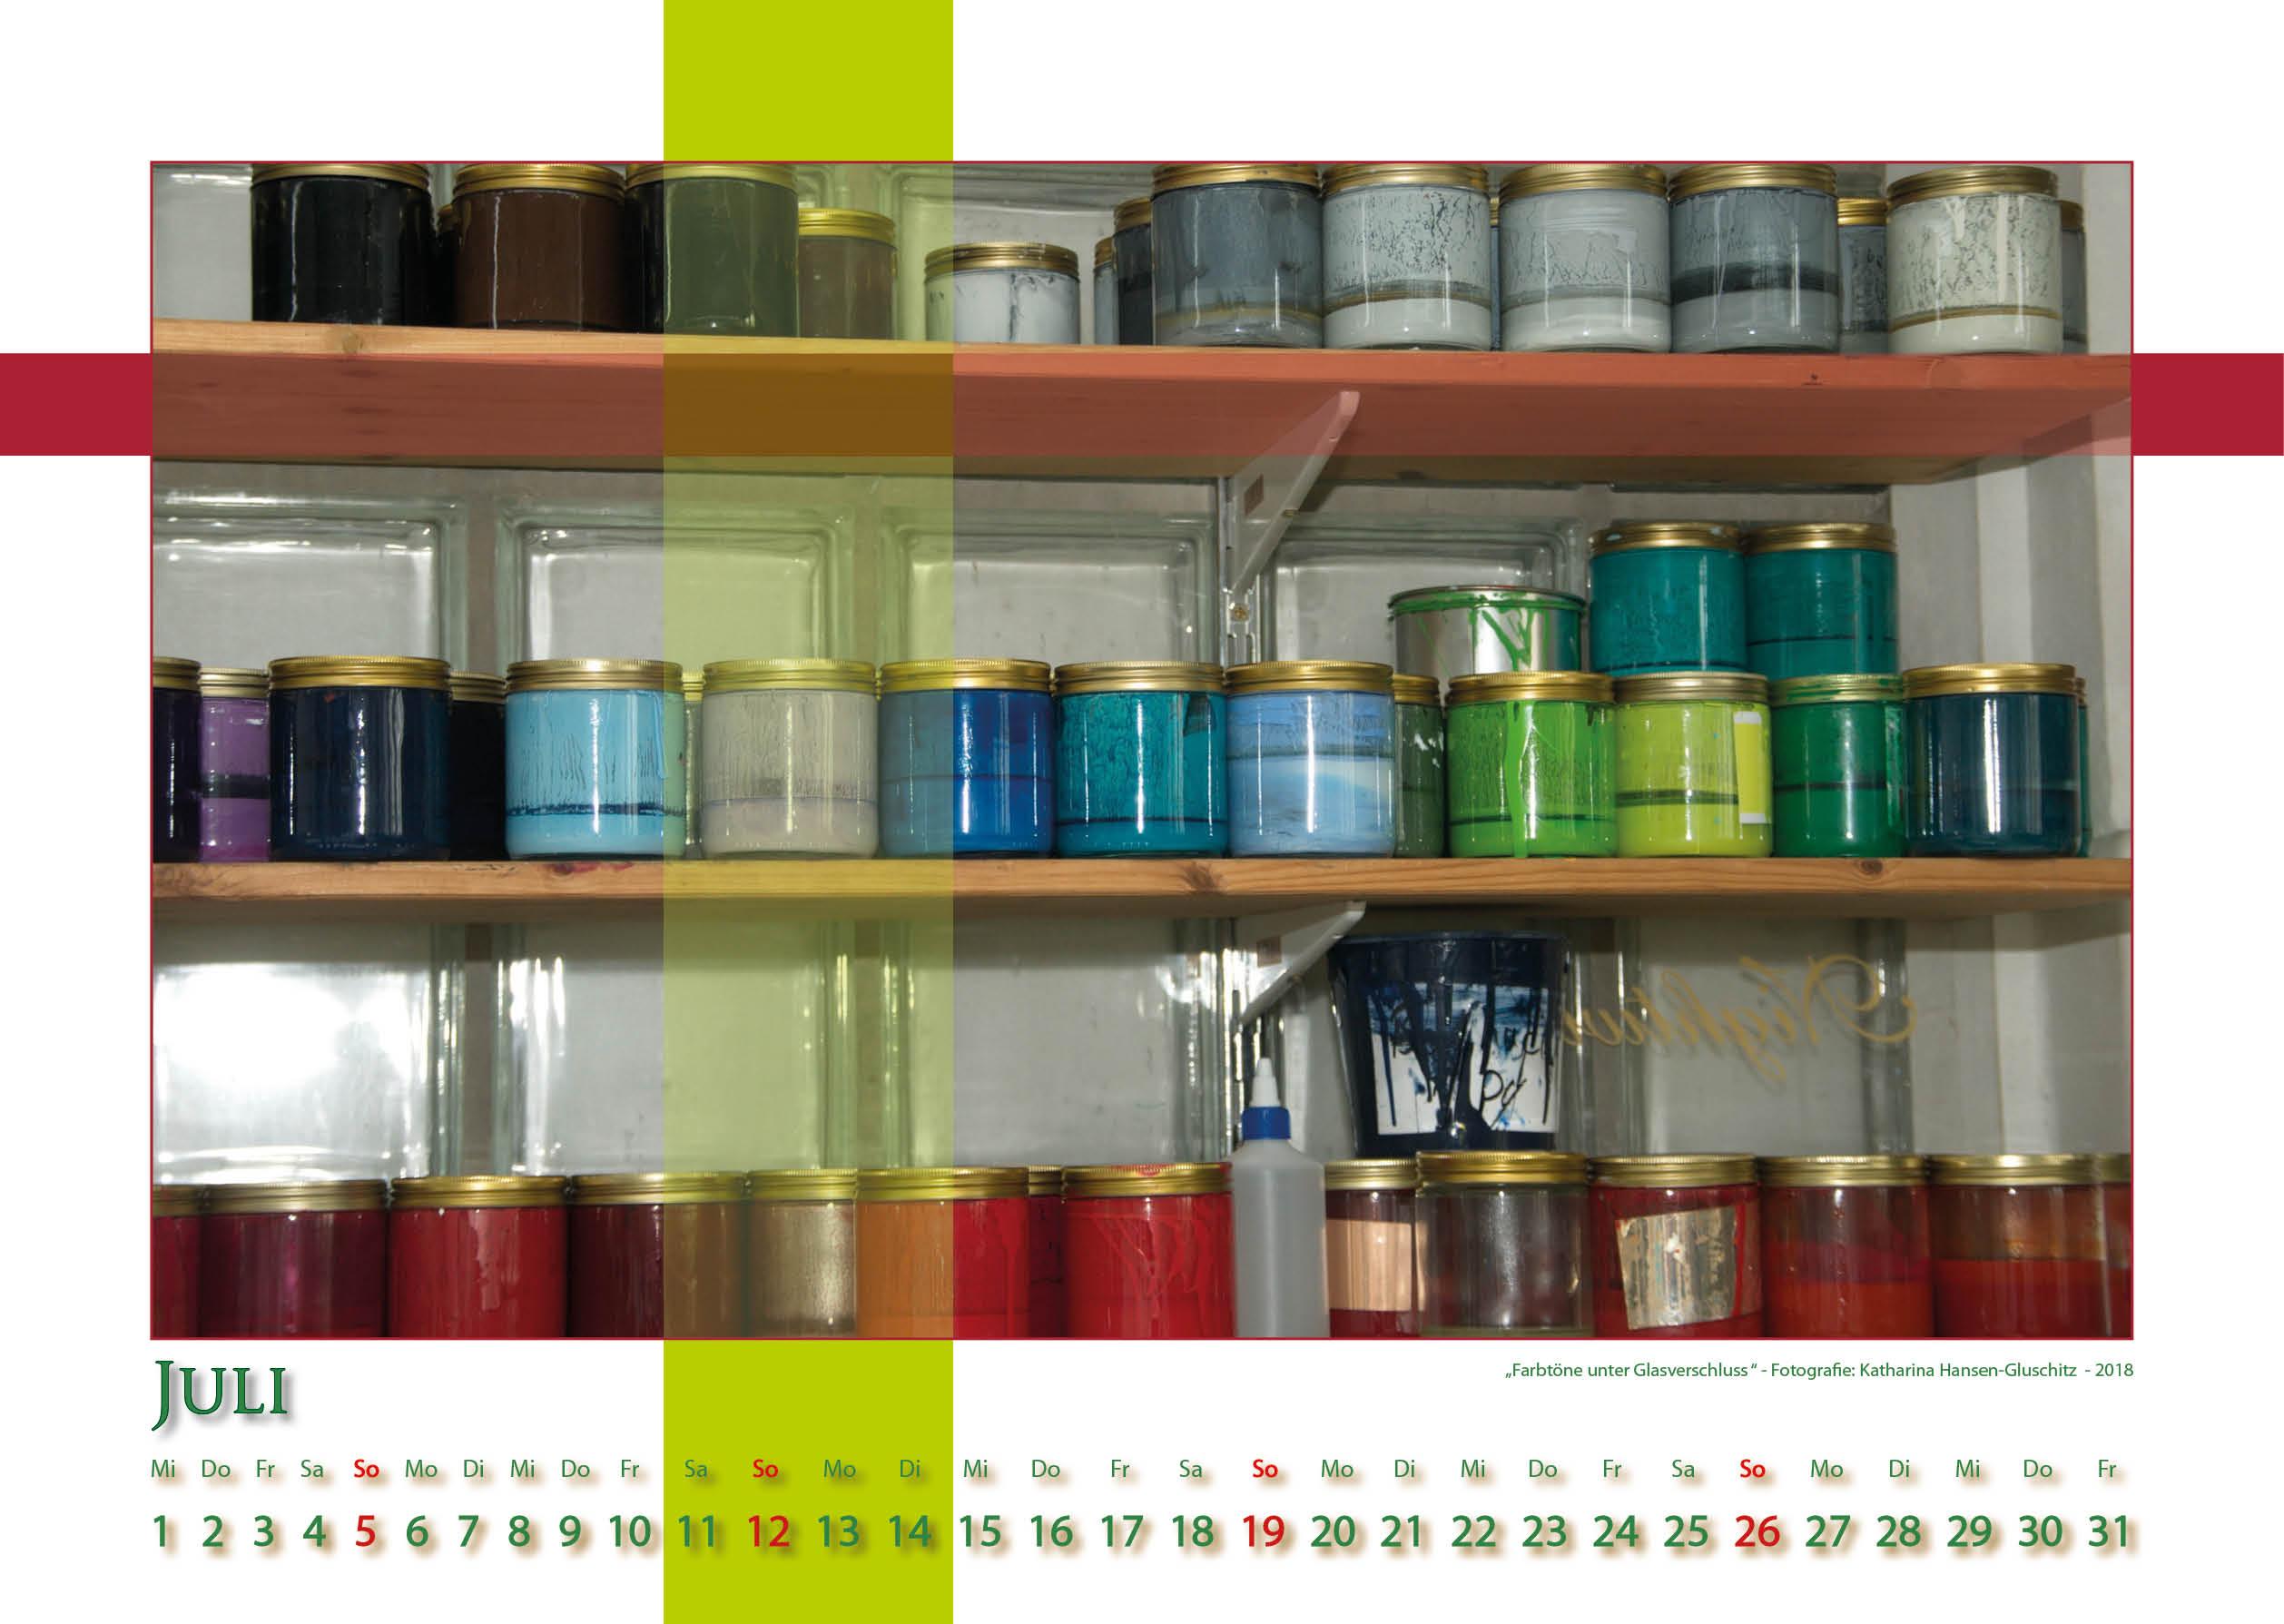 Farbtöne unter Glasverschluß - Strukturen - Kalender 2020 © Katharina Hansen-Gluschitz